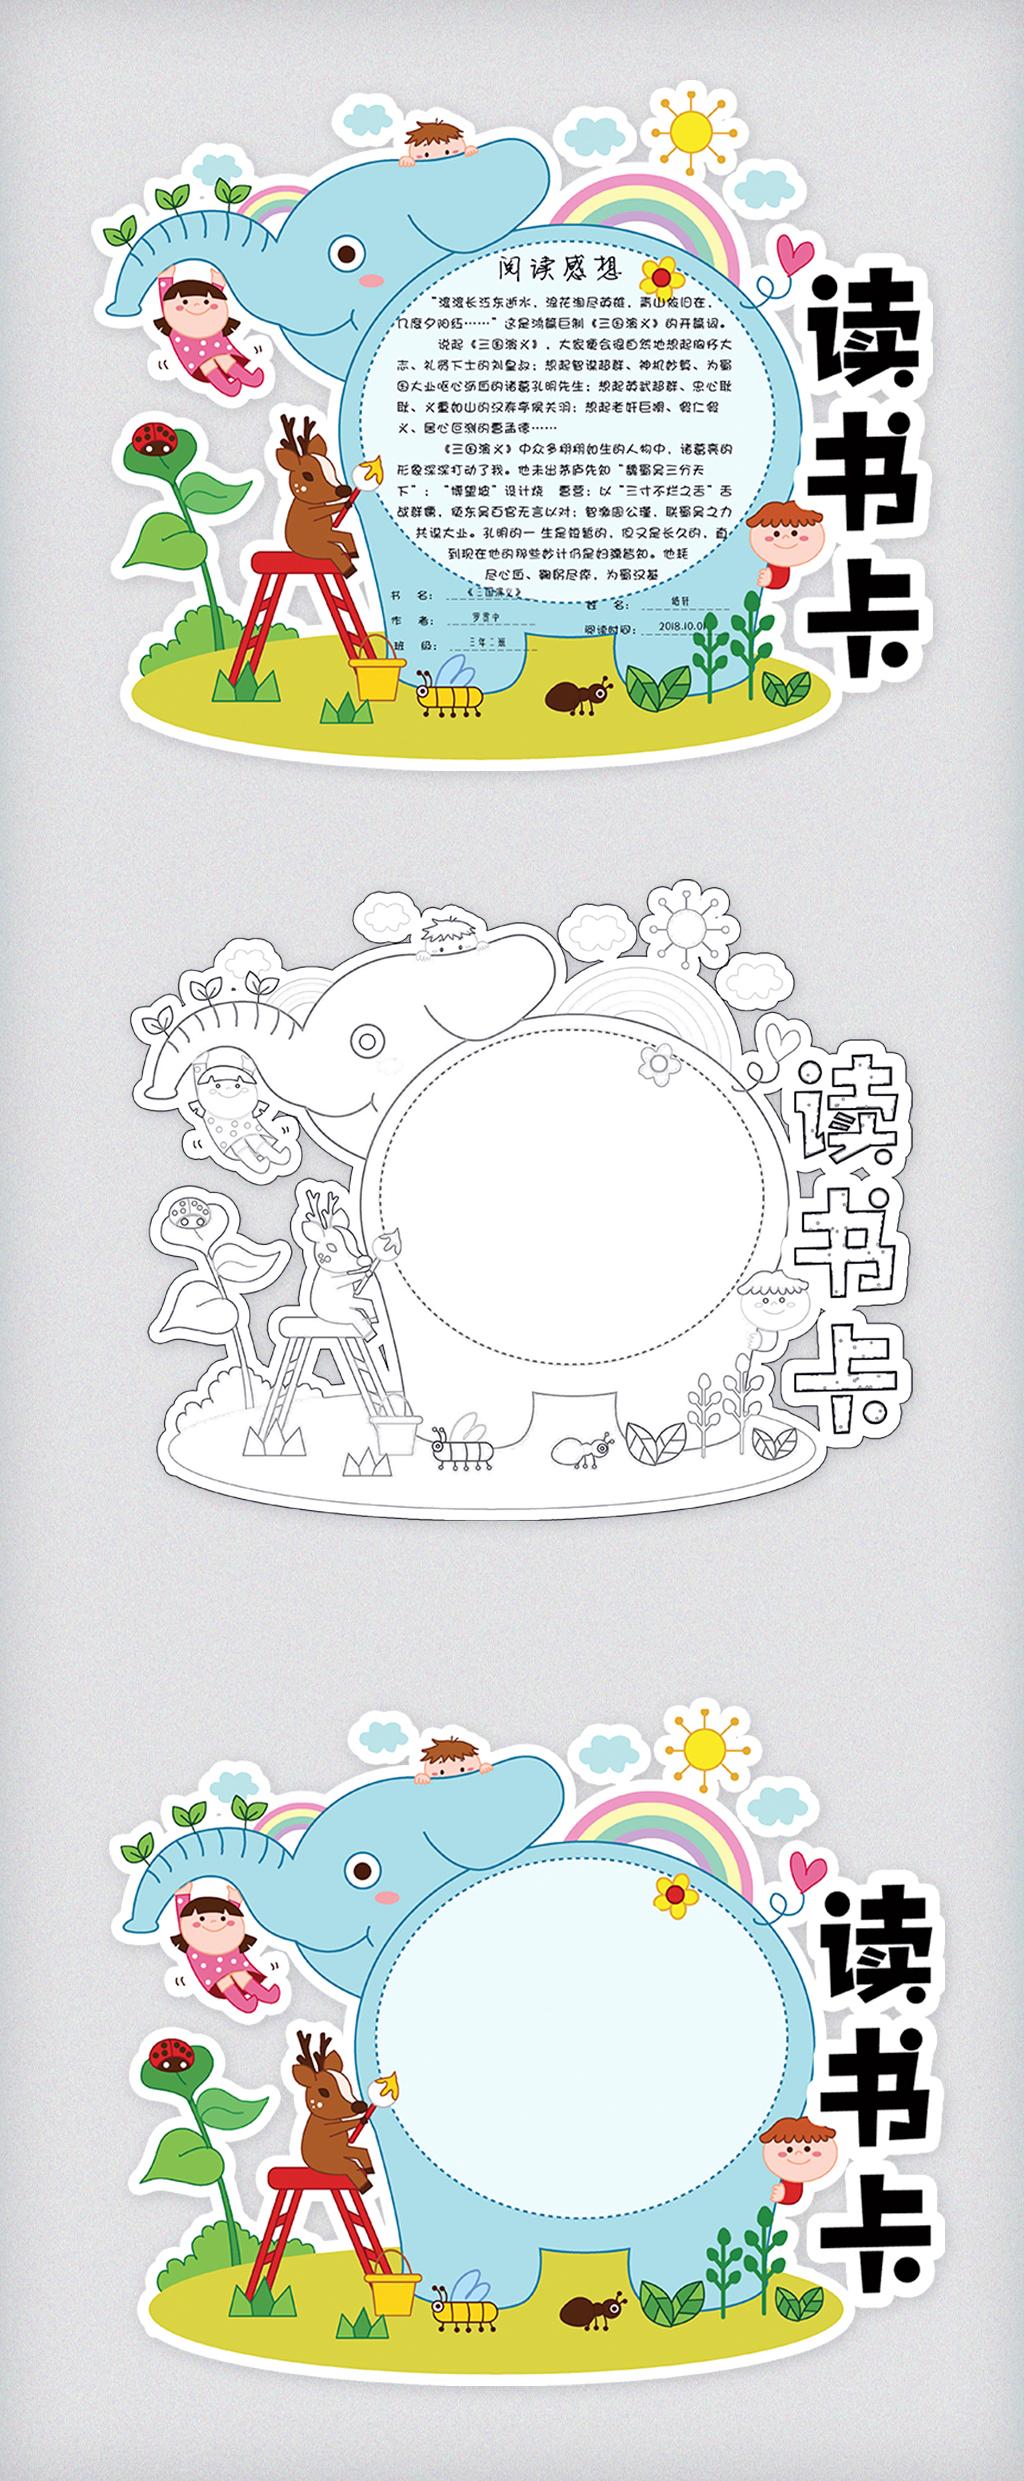 可爱小学生校园读书卡好书推荐卡电子模板图片素材()